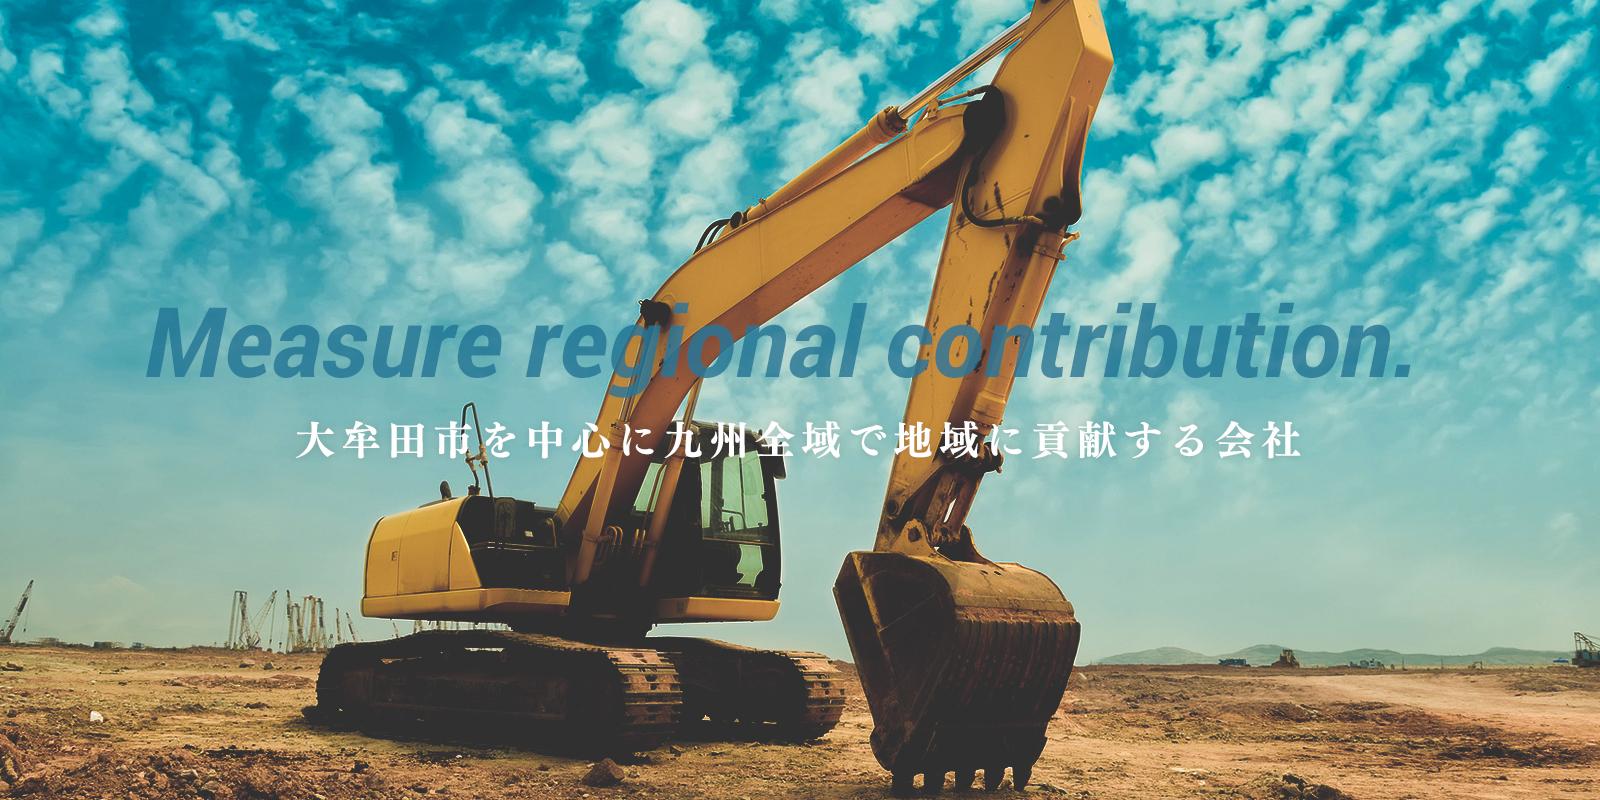 大牟田市を中心に九州全域で地域に貢献する会社